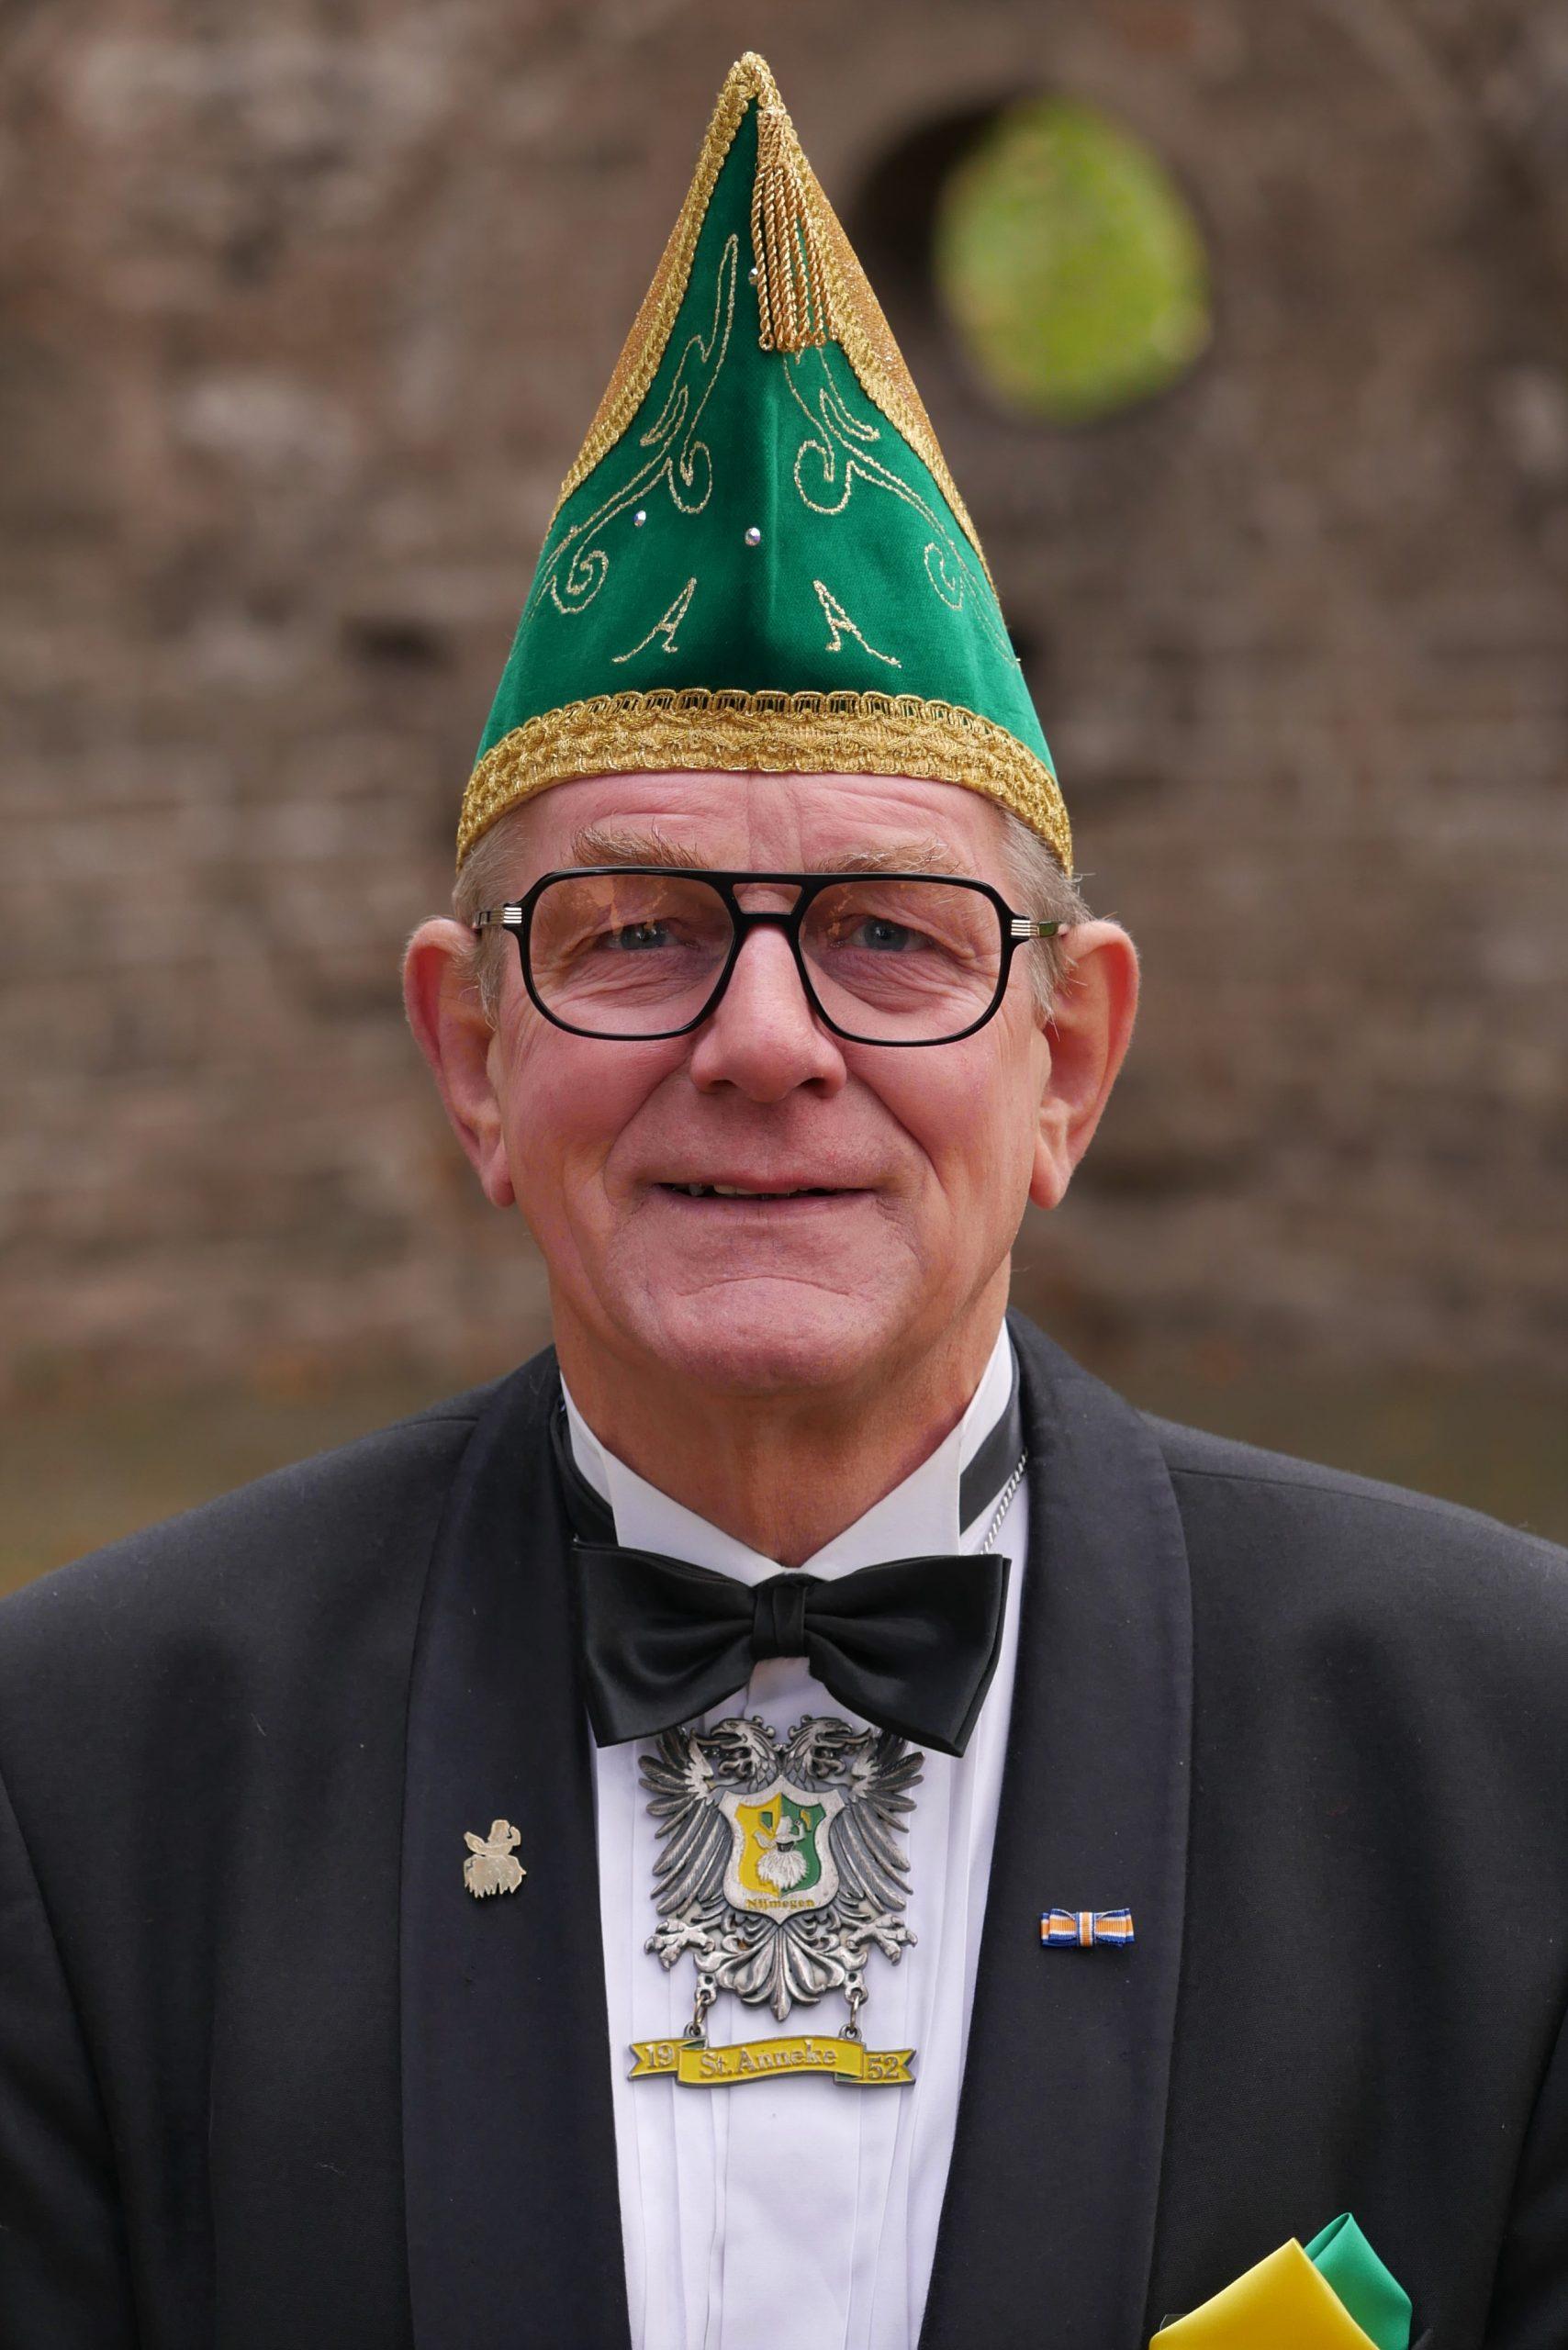 Gerard Verhoeven